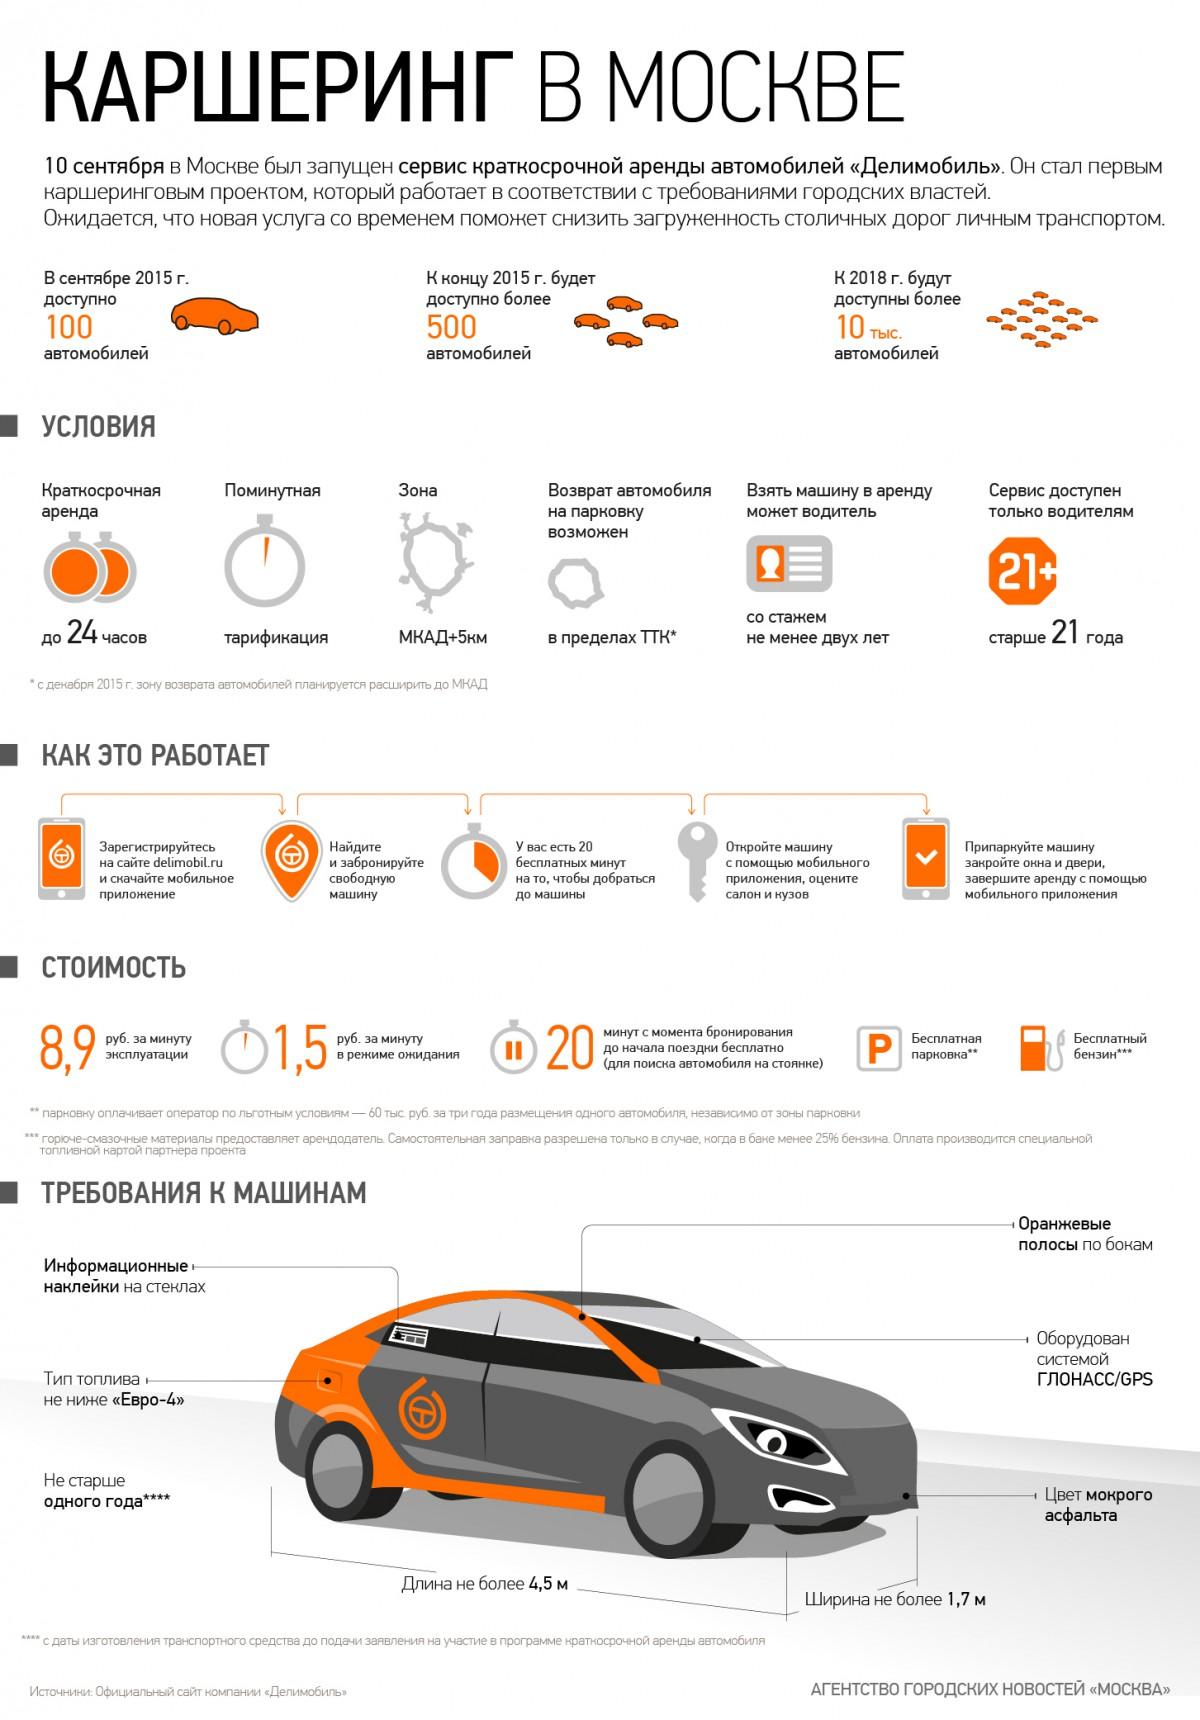 """Инфографик """"Каршеринг в Москве"""""""